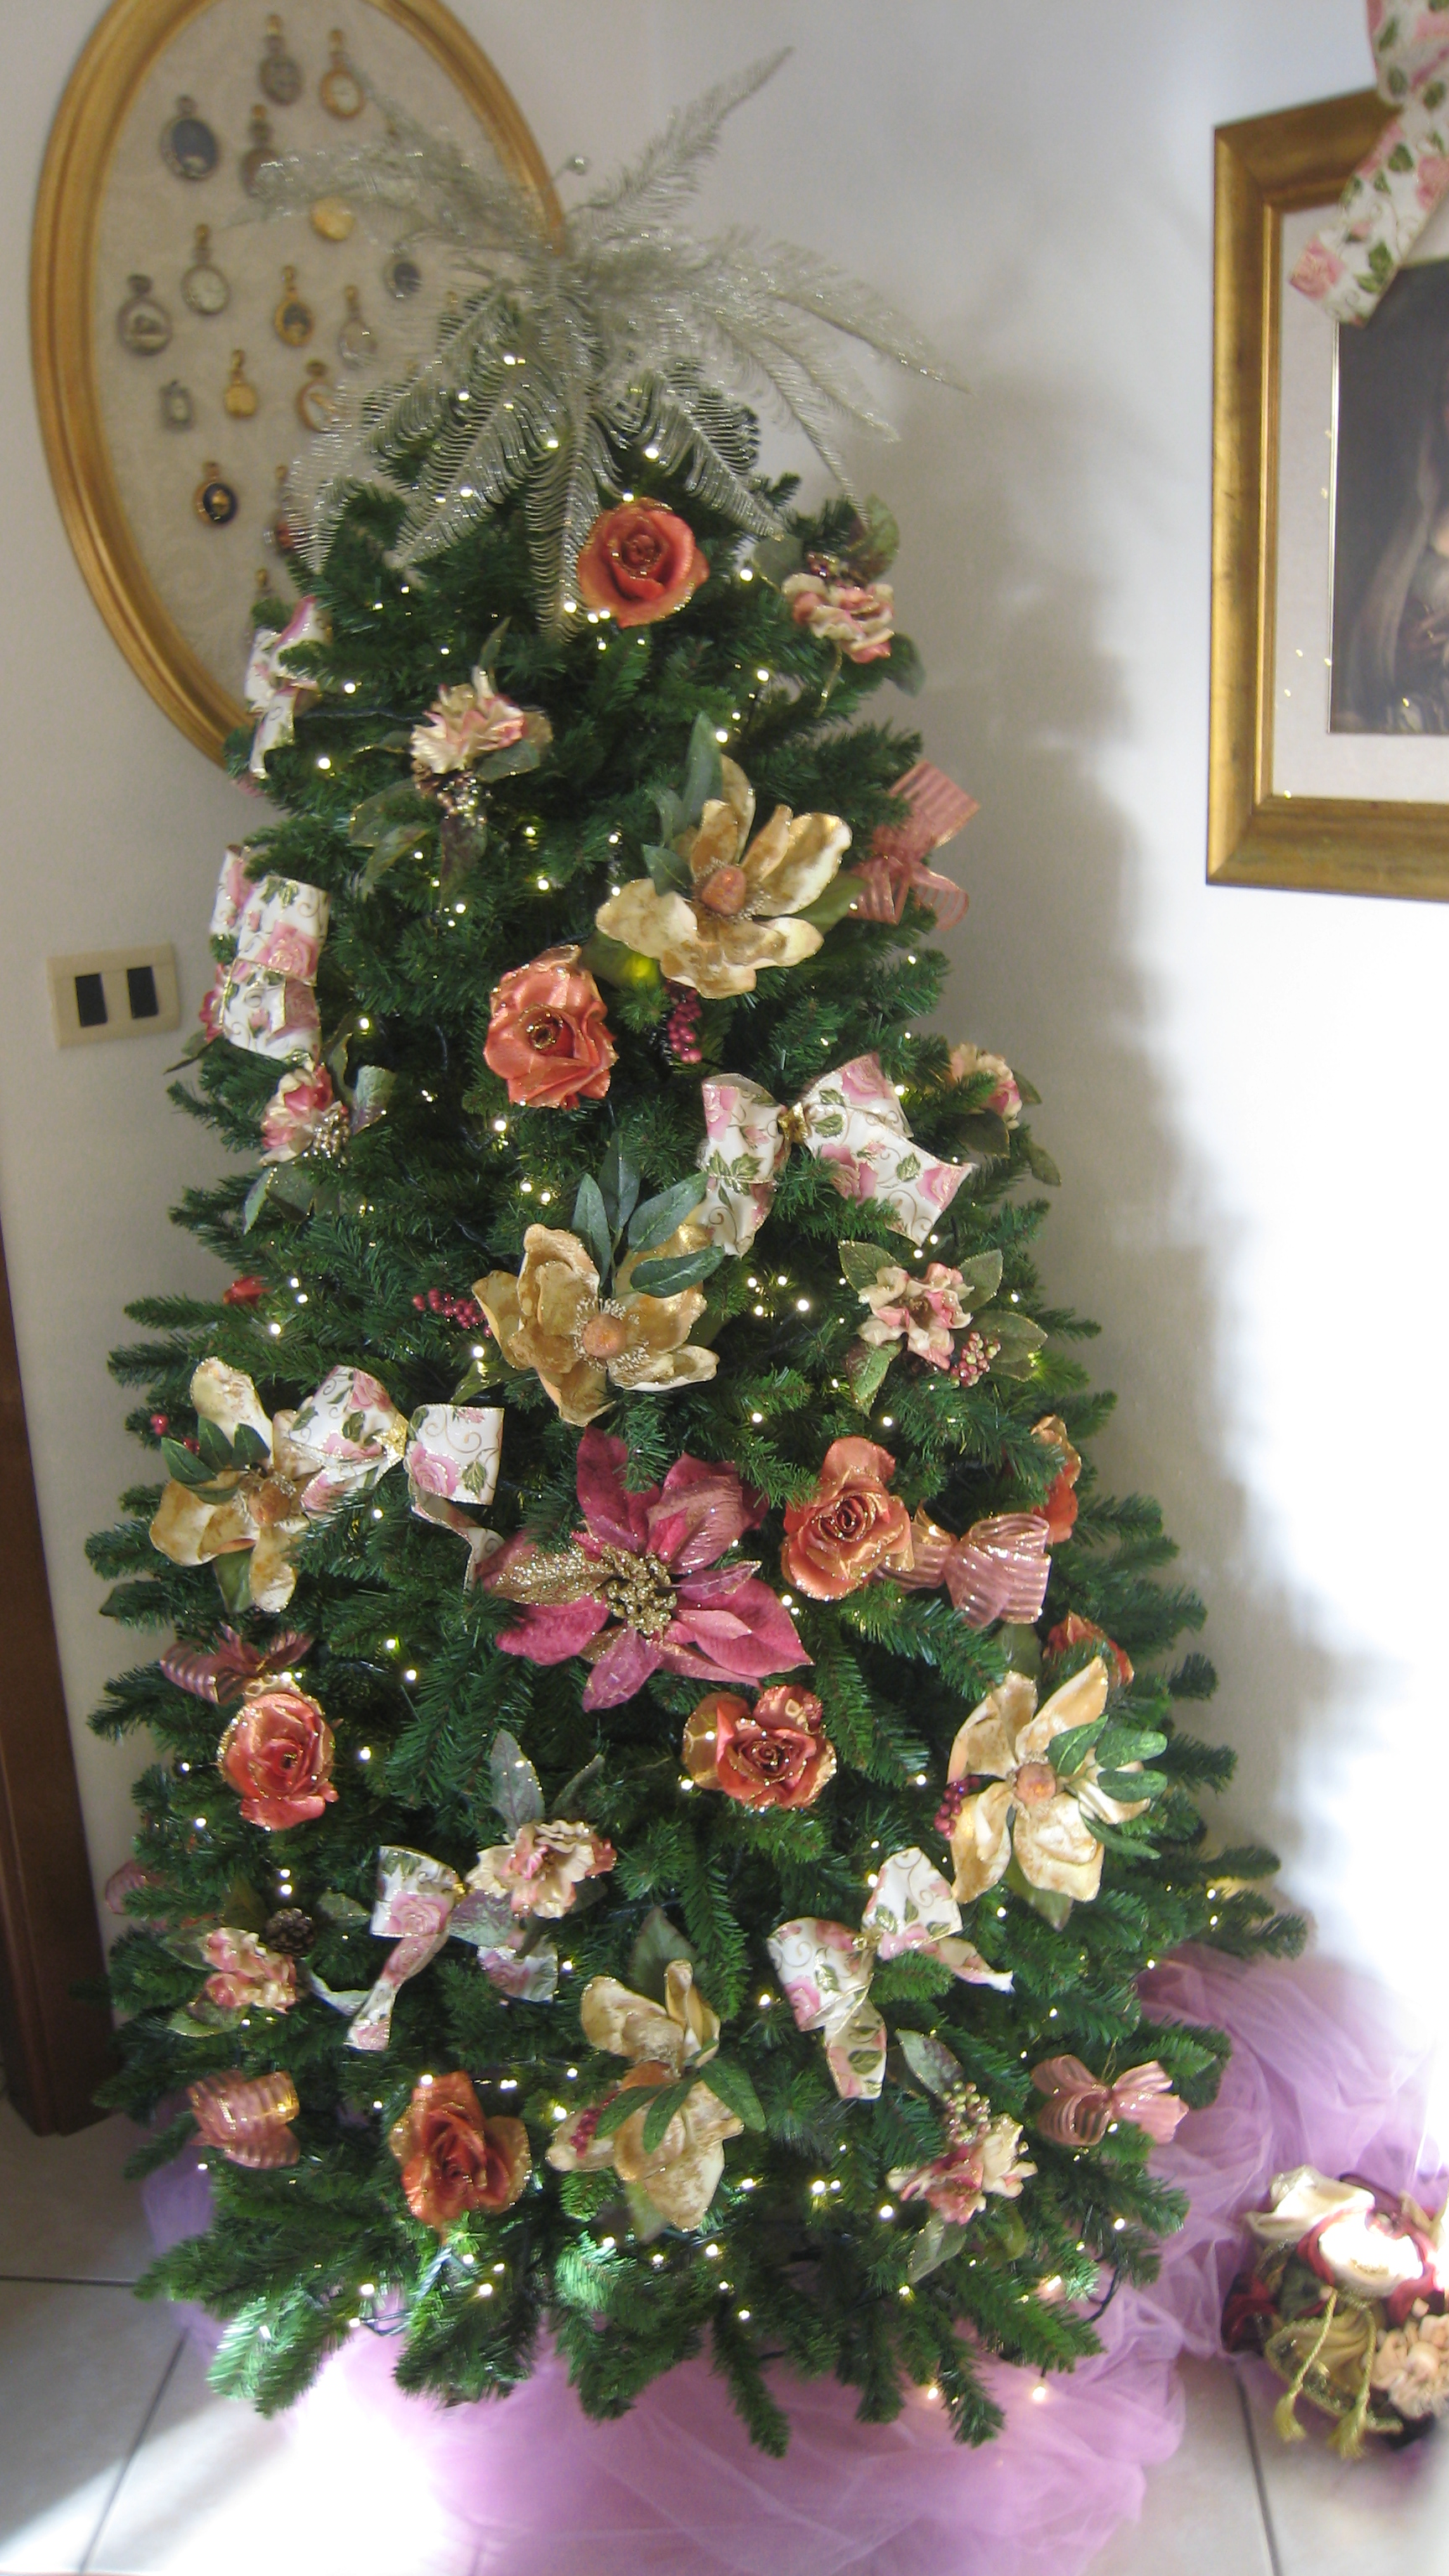 Natale addobbati con fiori e fiocchi, ripropongo intanto questi due